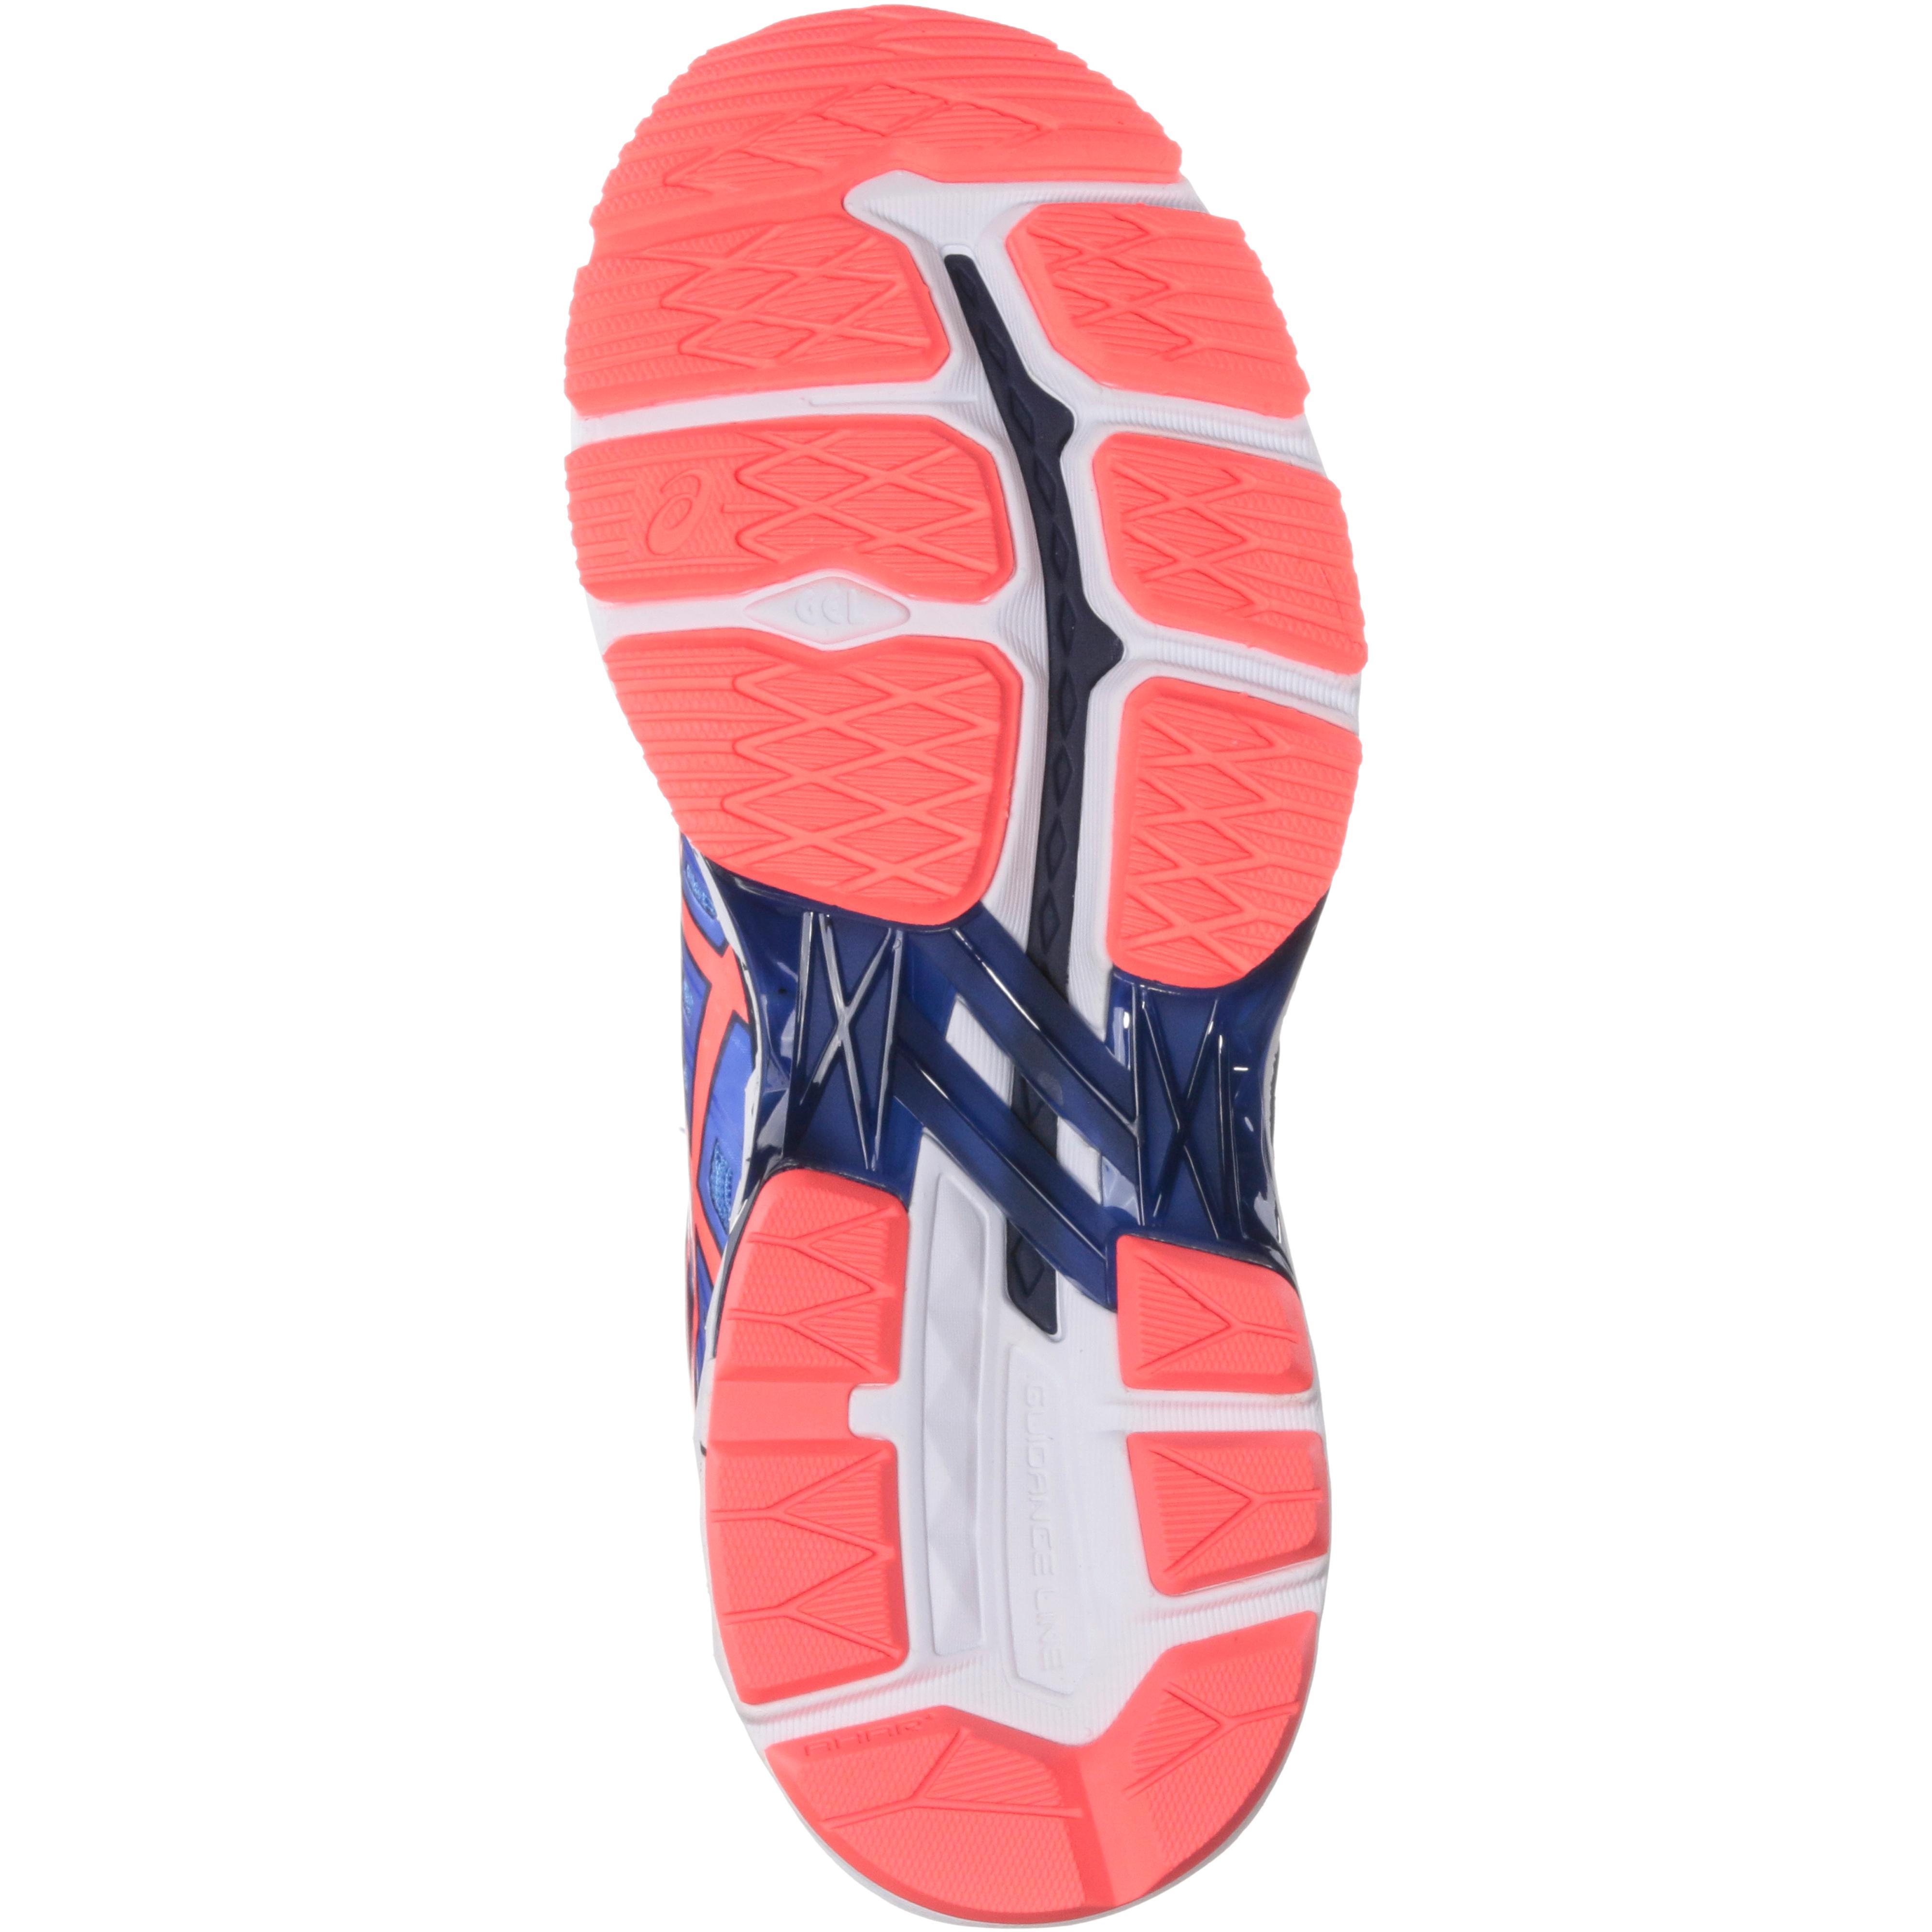 ASICS ASICS ASICS GT-2000 5 Laufschuhe Damen regatta Blau flash coral indig im Online Shop von SportScheck kaufen Gute Qualität beliebte Schuhe cdd189